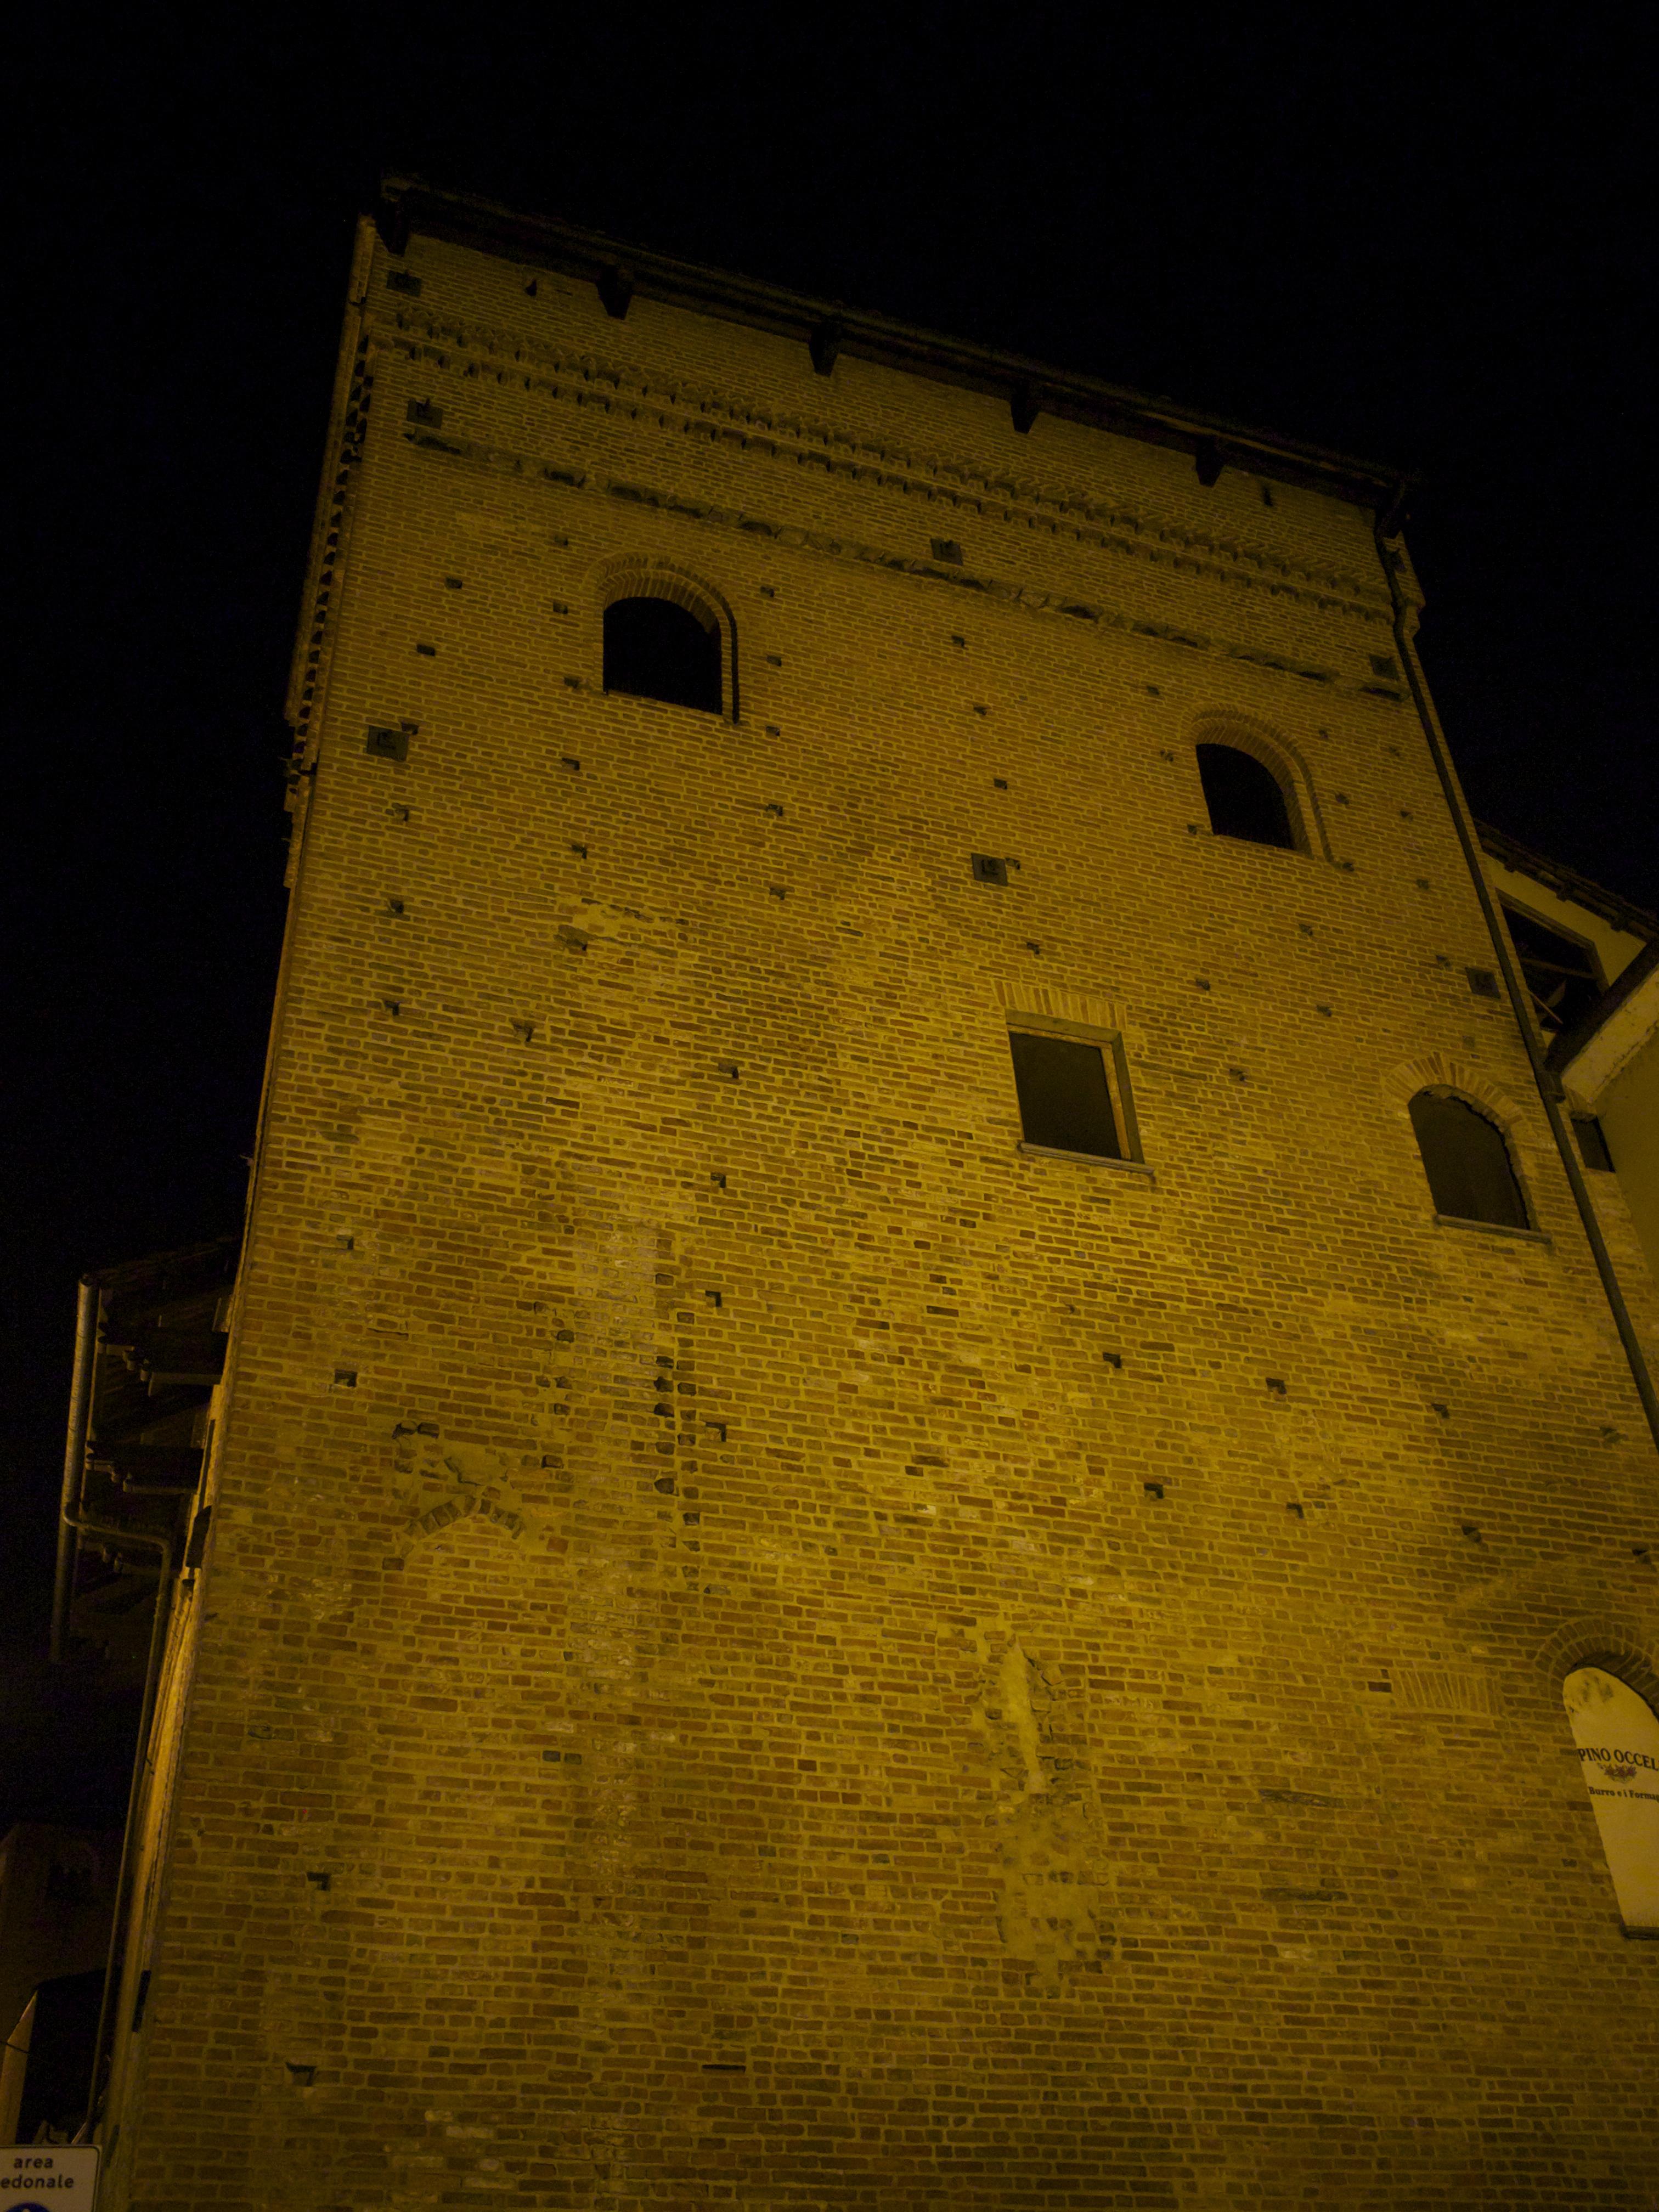 Via Camillo Benso Cavour, Alba, Italy (No. 2)